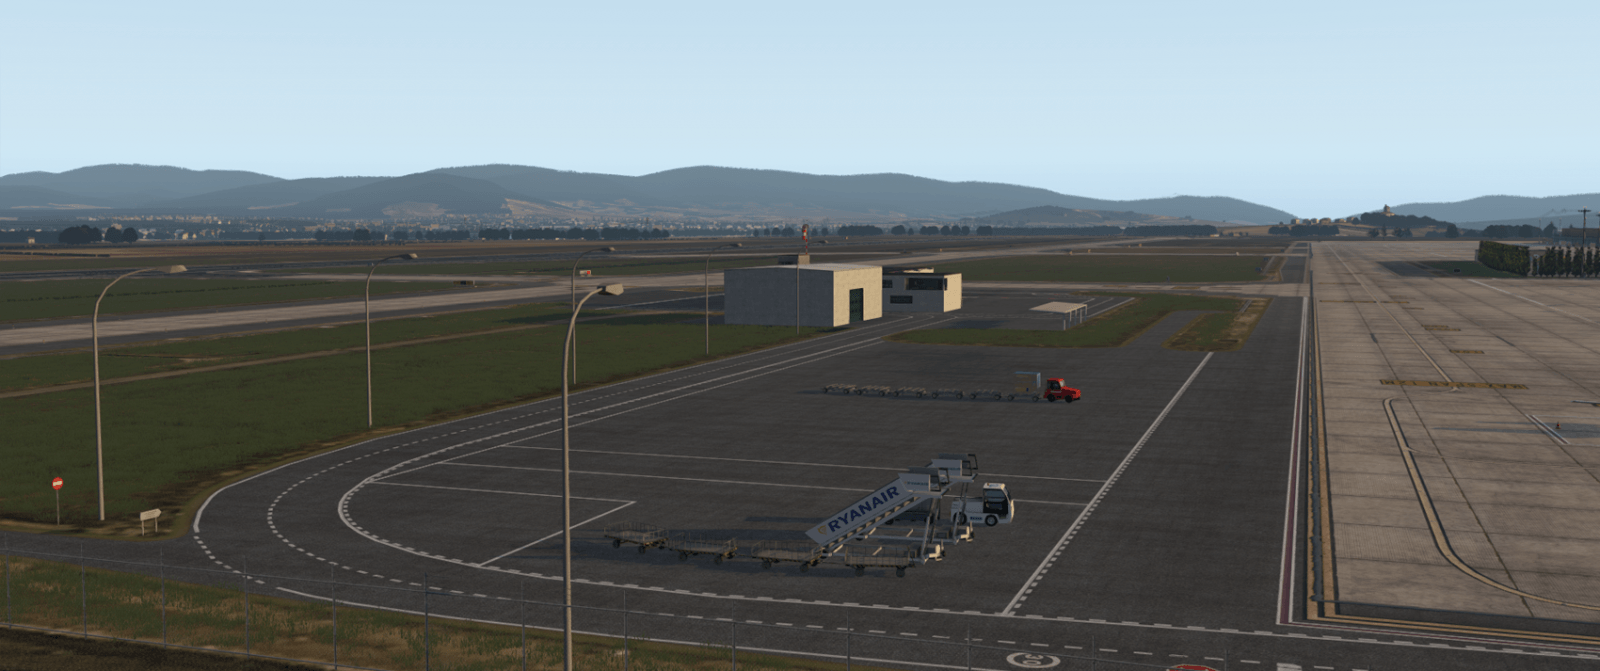 PDISims Releases Vitoria-Foronda Airport (LEVT) for X-Plane 11 – FSElite